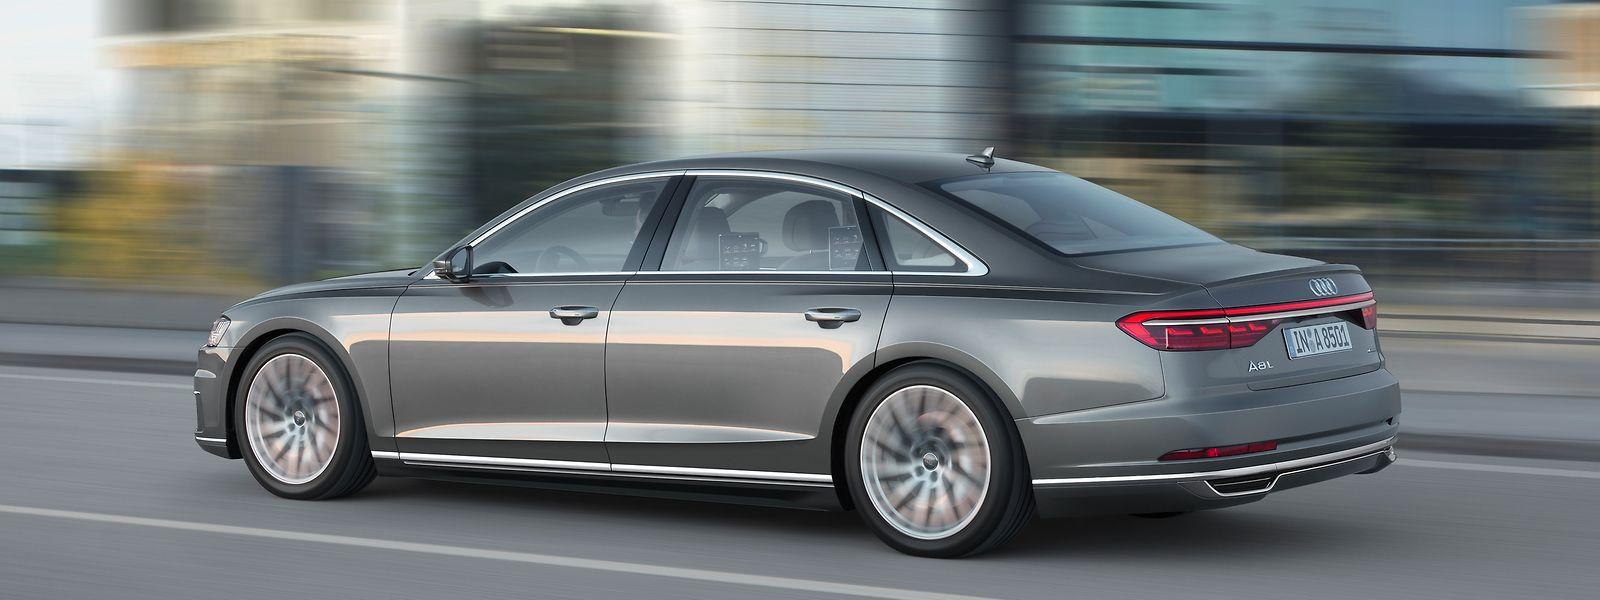 Der Audi A8 ist erneut mit zwei unterschiedlichen Radständen verfügbar. Als Langversion streckt sich der Ingolstädter auf stattliche 5,30 Meter.